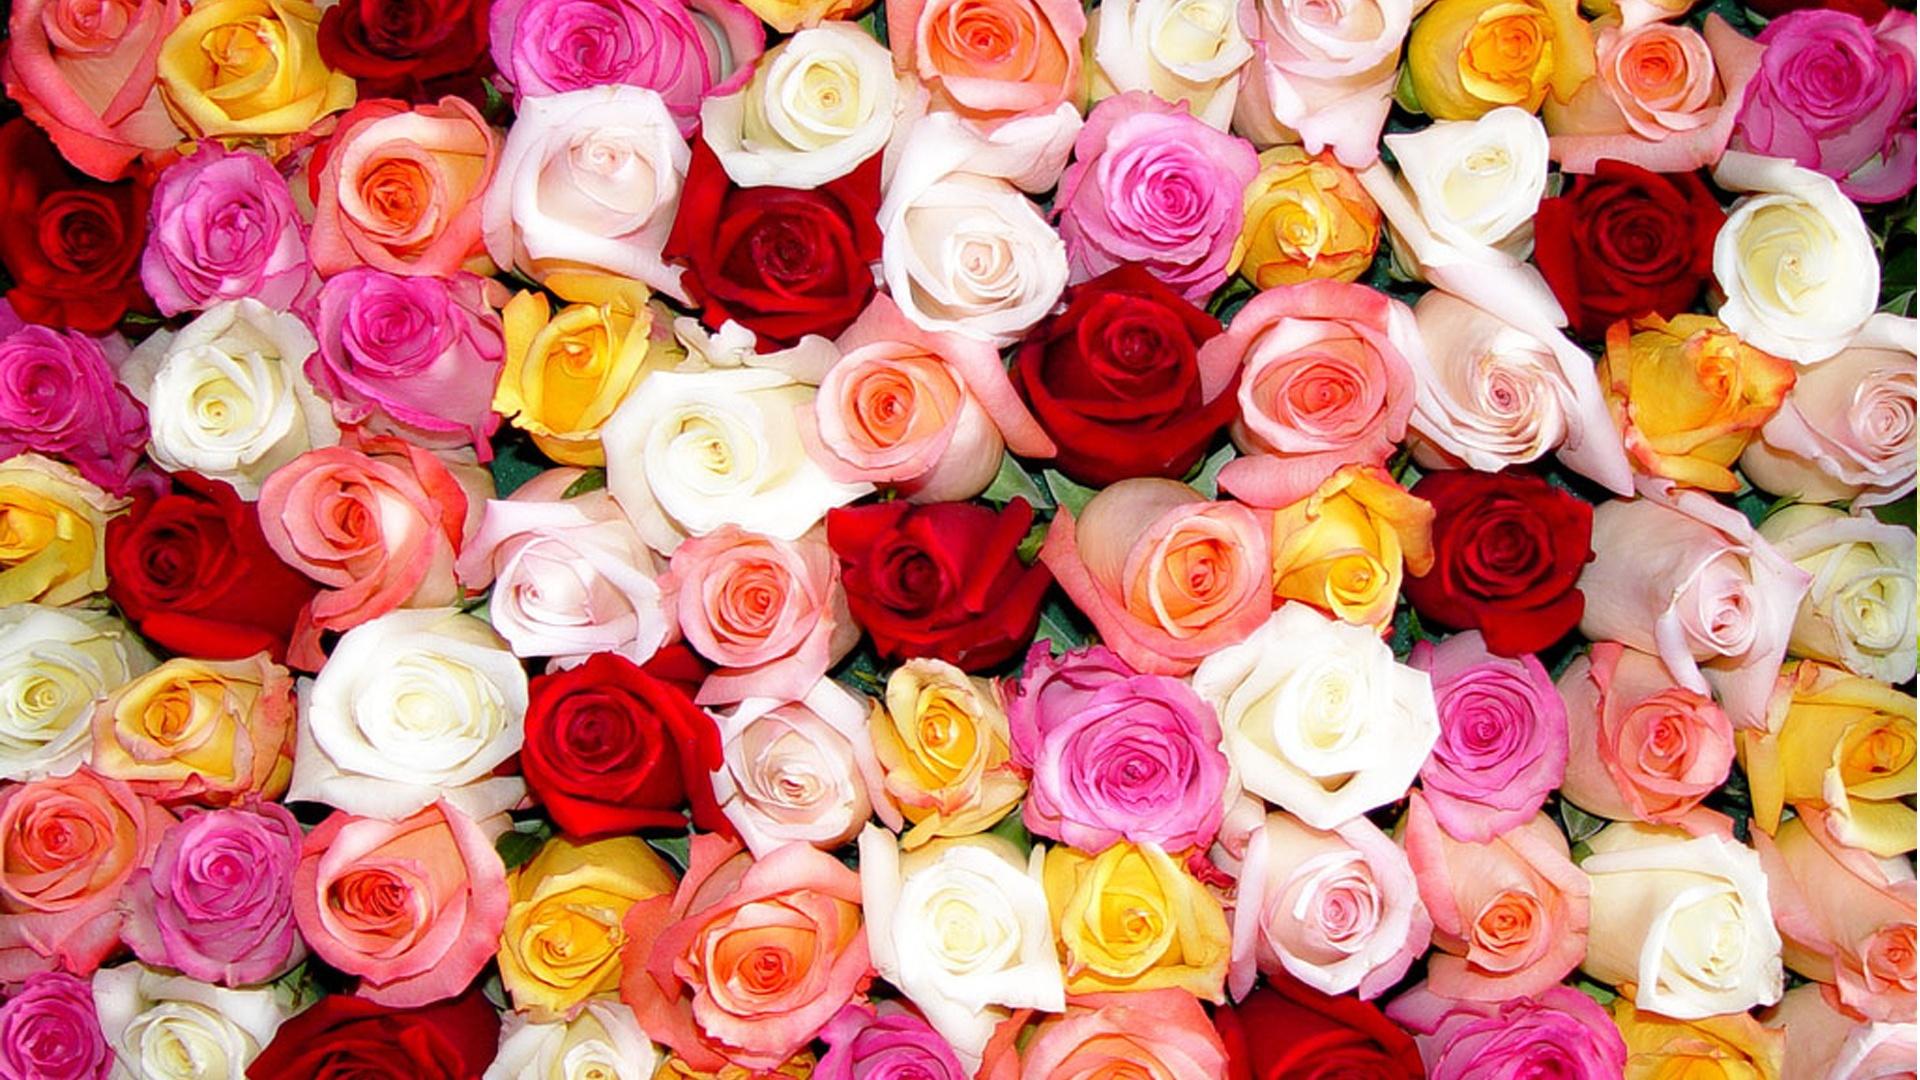 ... Roses Wallpaper 7 ...